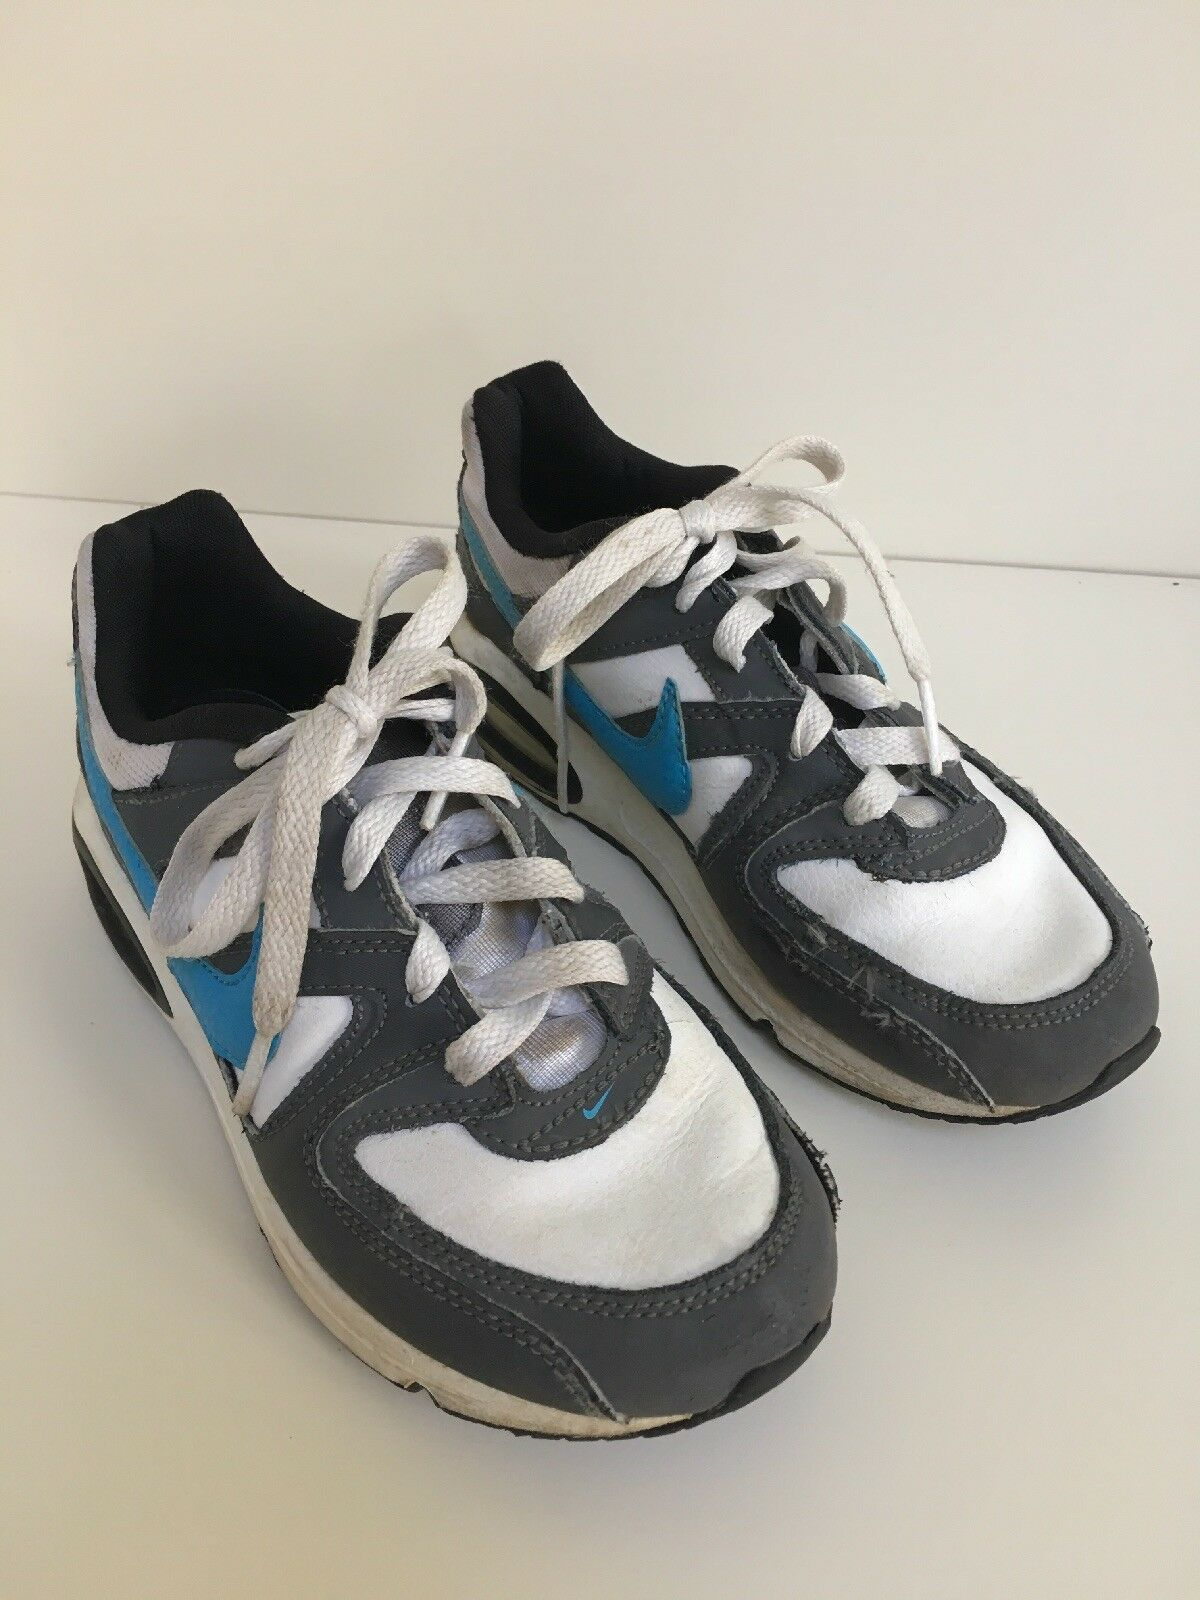 Intenzionale Bambini Scarpe Da Ginnastica Nike Air Max Taglia Uk 2 ⭐ Buone Condizioni ⭐